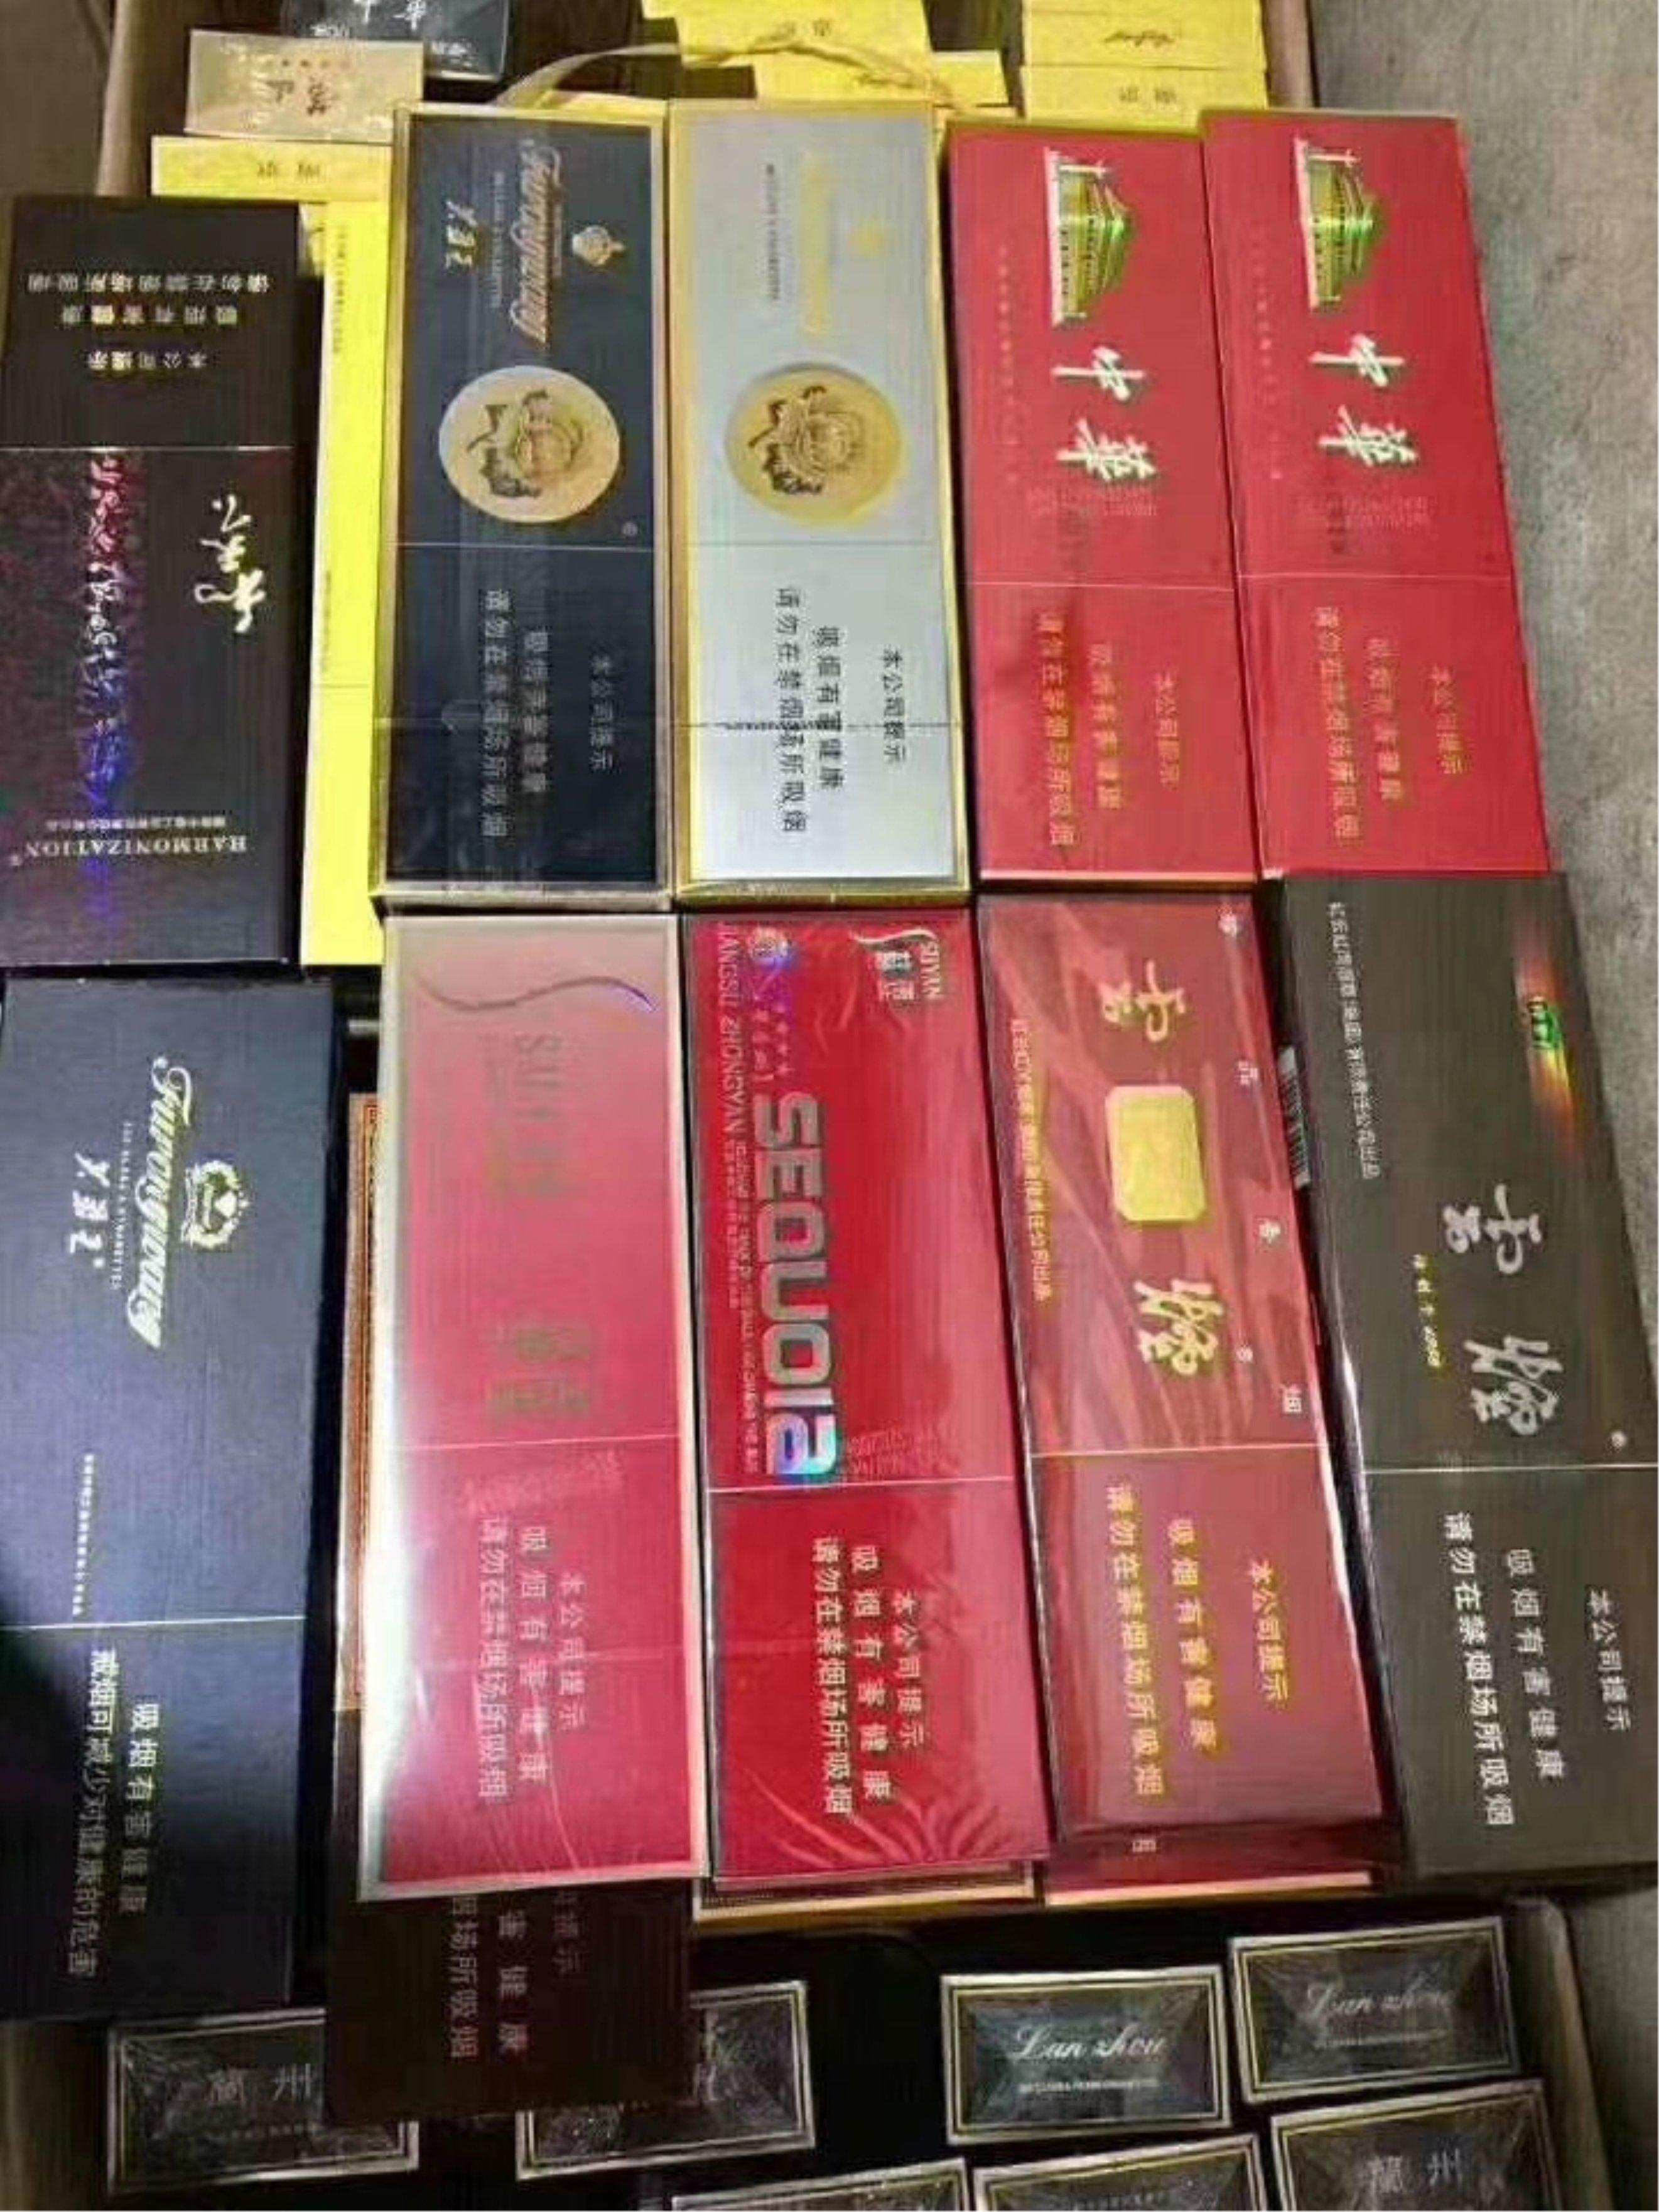 烟草批发微信香烟免税烟货源,免税烟、香烟一手货源批发